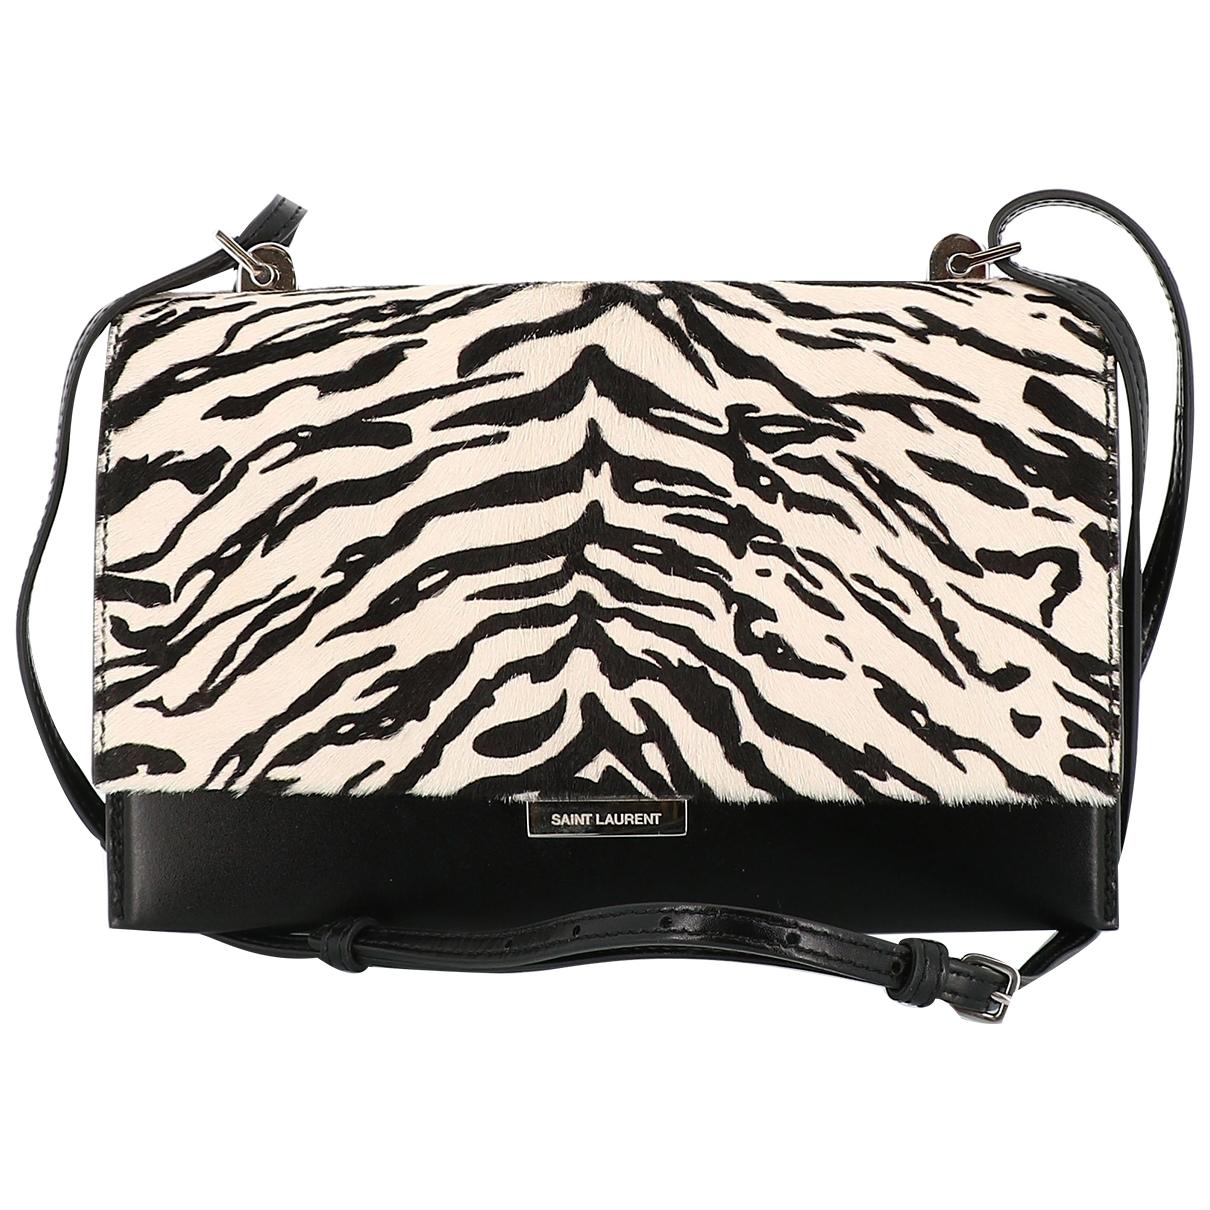 Saint Laurent \N Black Pony-style calfskin handbag for Women \N